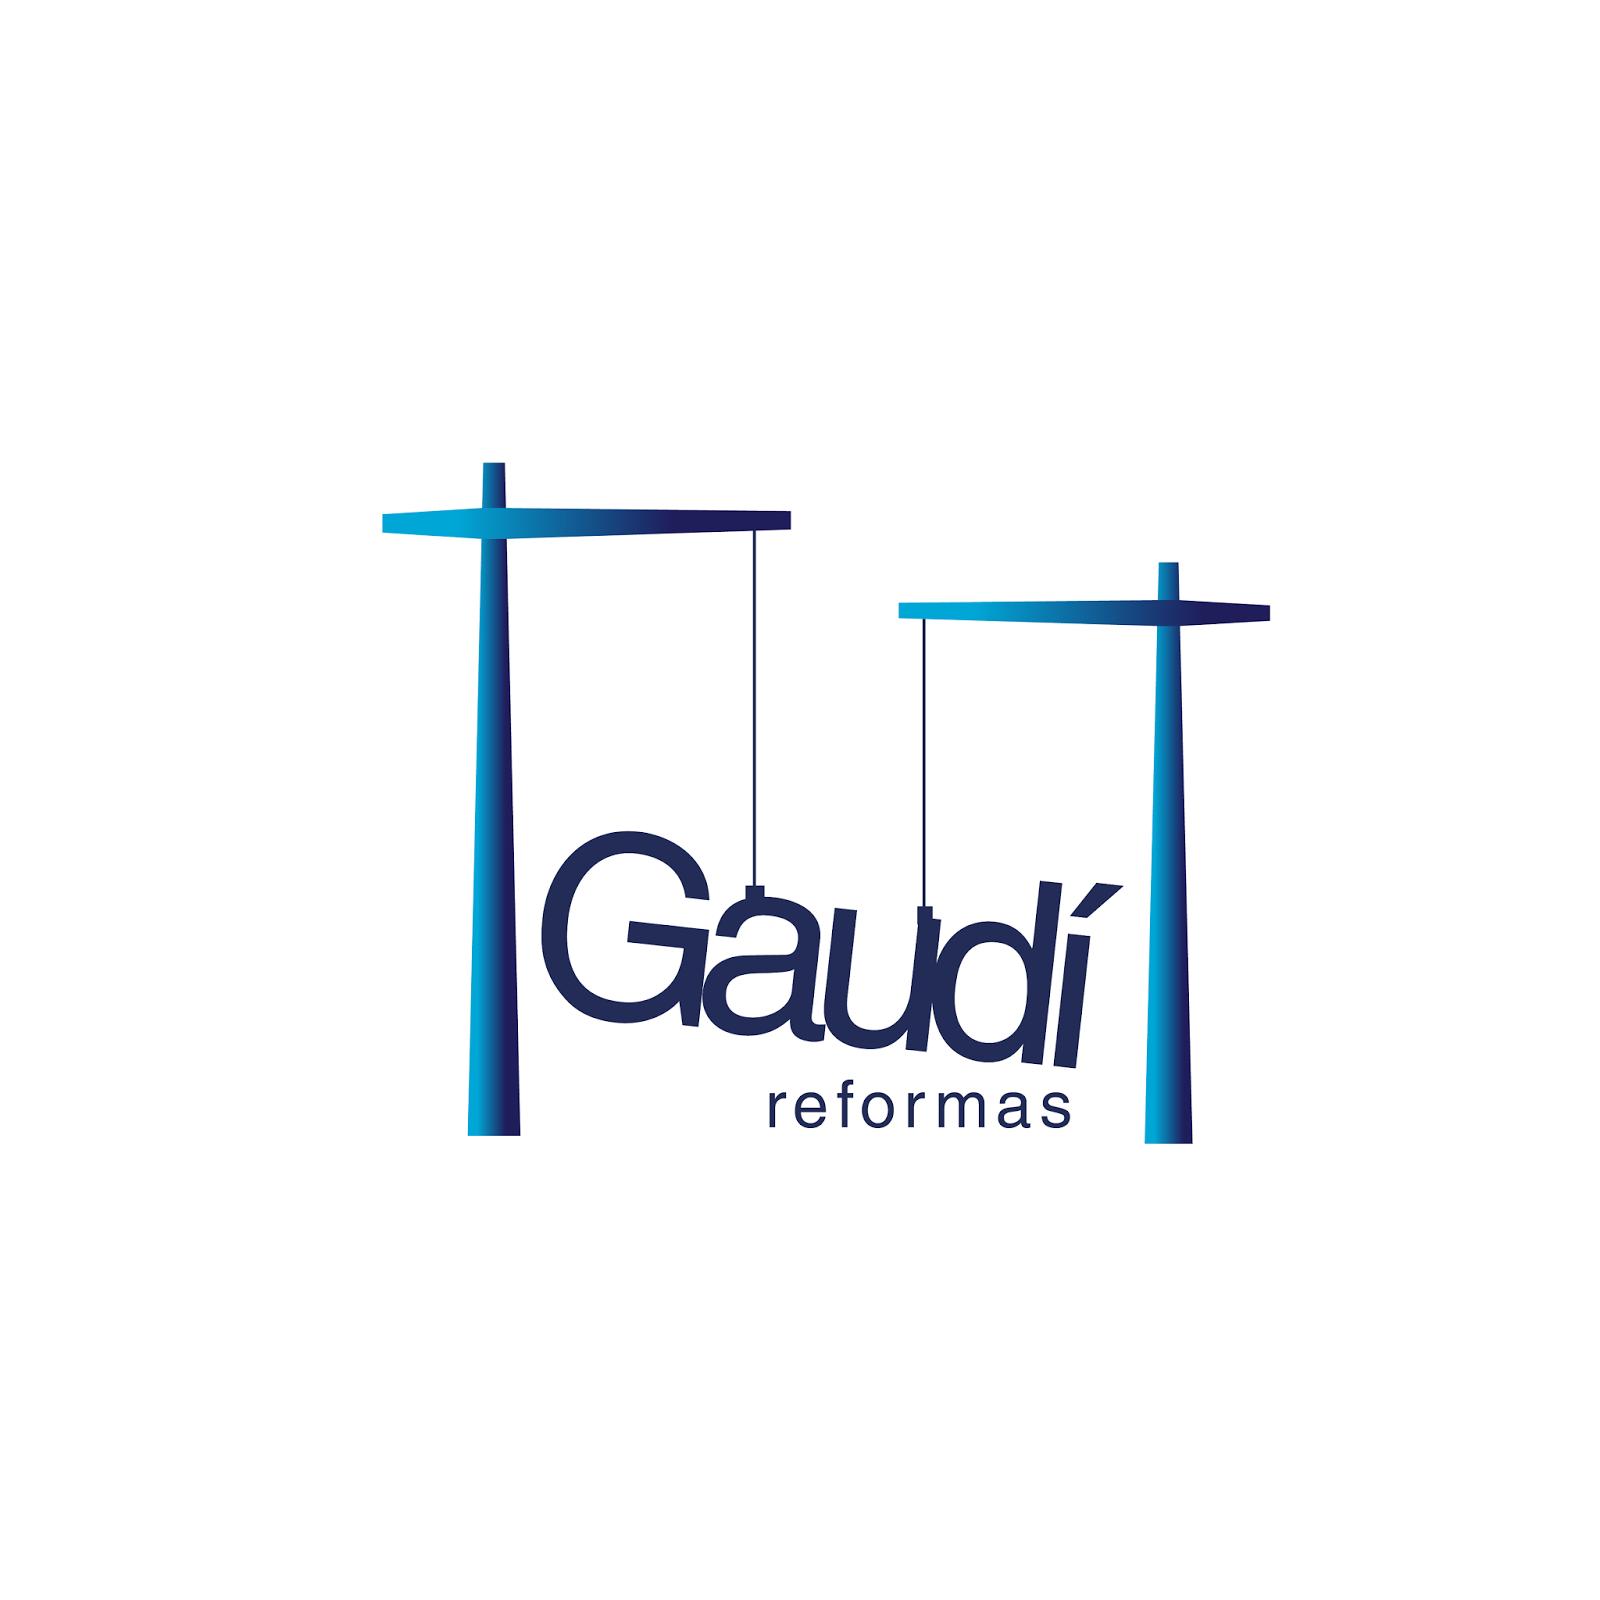 Logotipo Gaudí reformas